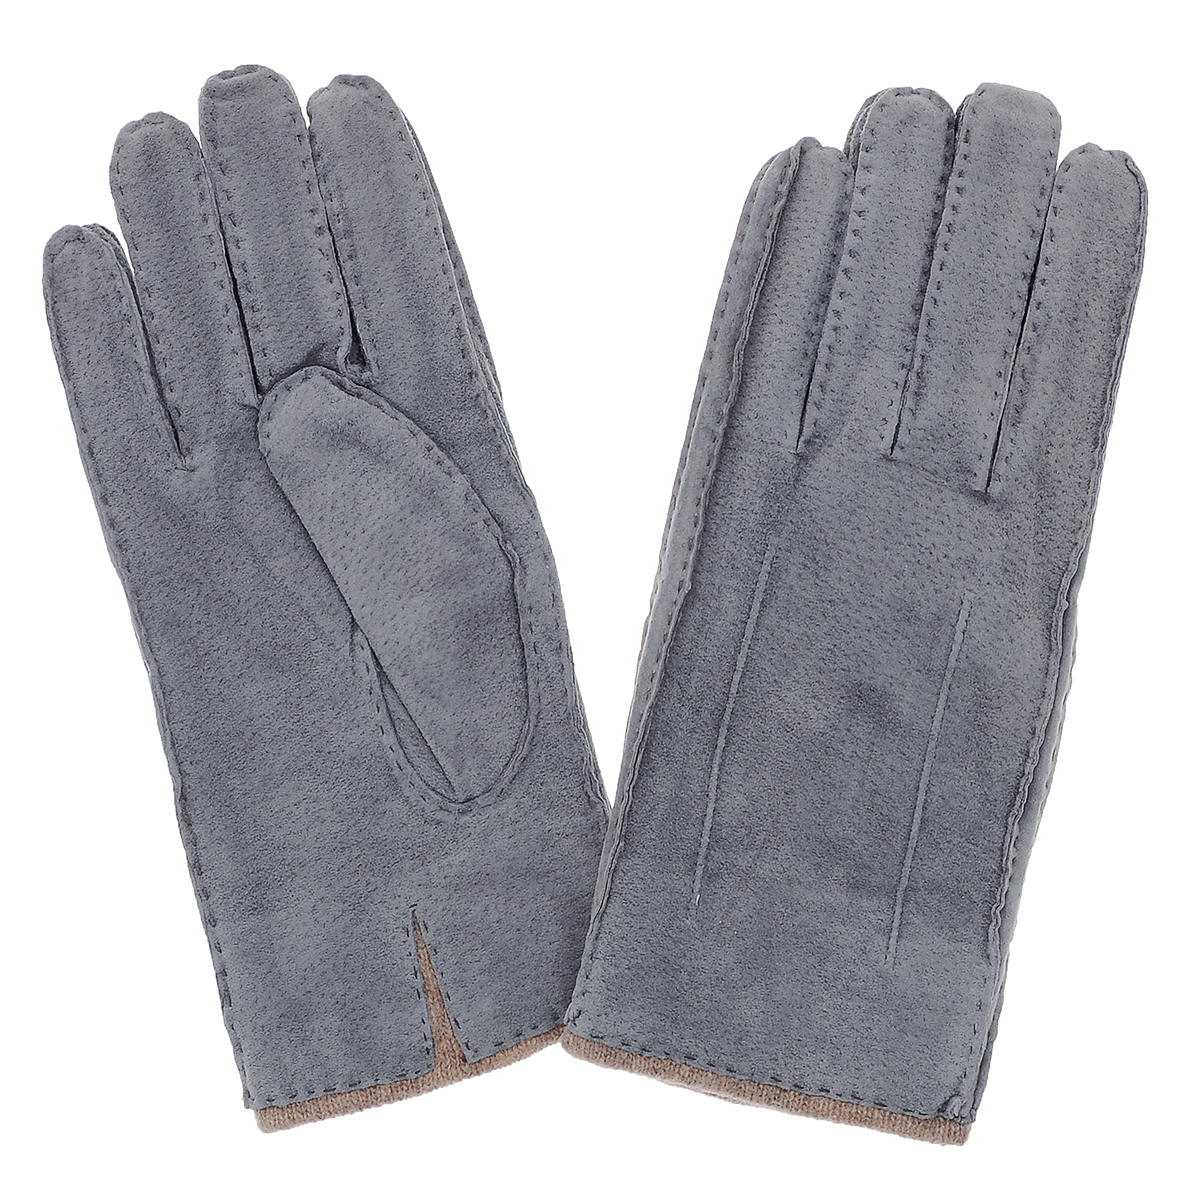 Перчатки мужские Dali Exclusive, цвет: серый. SP16_FORK/GR. Размер 8SP16_FORK/GRСтильные мужские перчатки Dali Exclusive не только защитят ваши руки, но и станут великолепным украшением. Перчатки выполнены из чрезвычайно мягкой и приятной на ощупь натуральной замши, а их подкладка - из натуральной шерсти. Перчатки с внешней стороны оформлены декоративными стежками.Модель благодаря своему лаконичному исполнению прекрасно дополнит образ любого мужчины и сделает его более стильным, придав тонкую нотку брутальности. Создайте элегантный образ и подчеркните свою яркую индивидуальность новым аксессуаром!